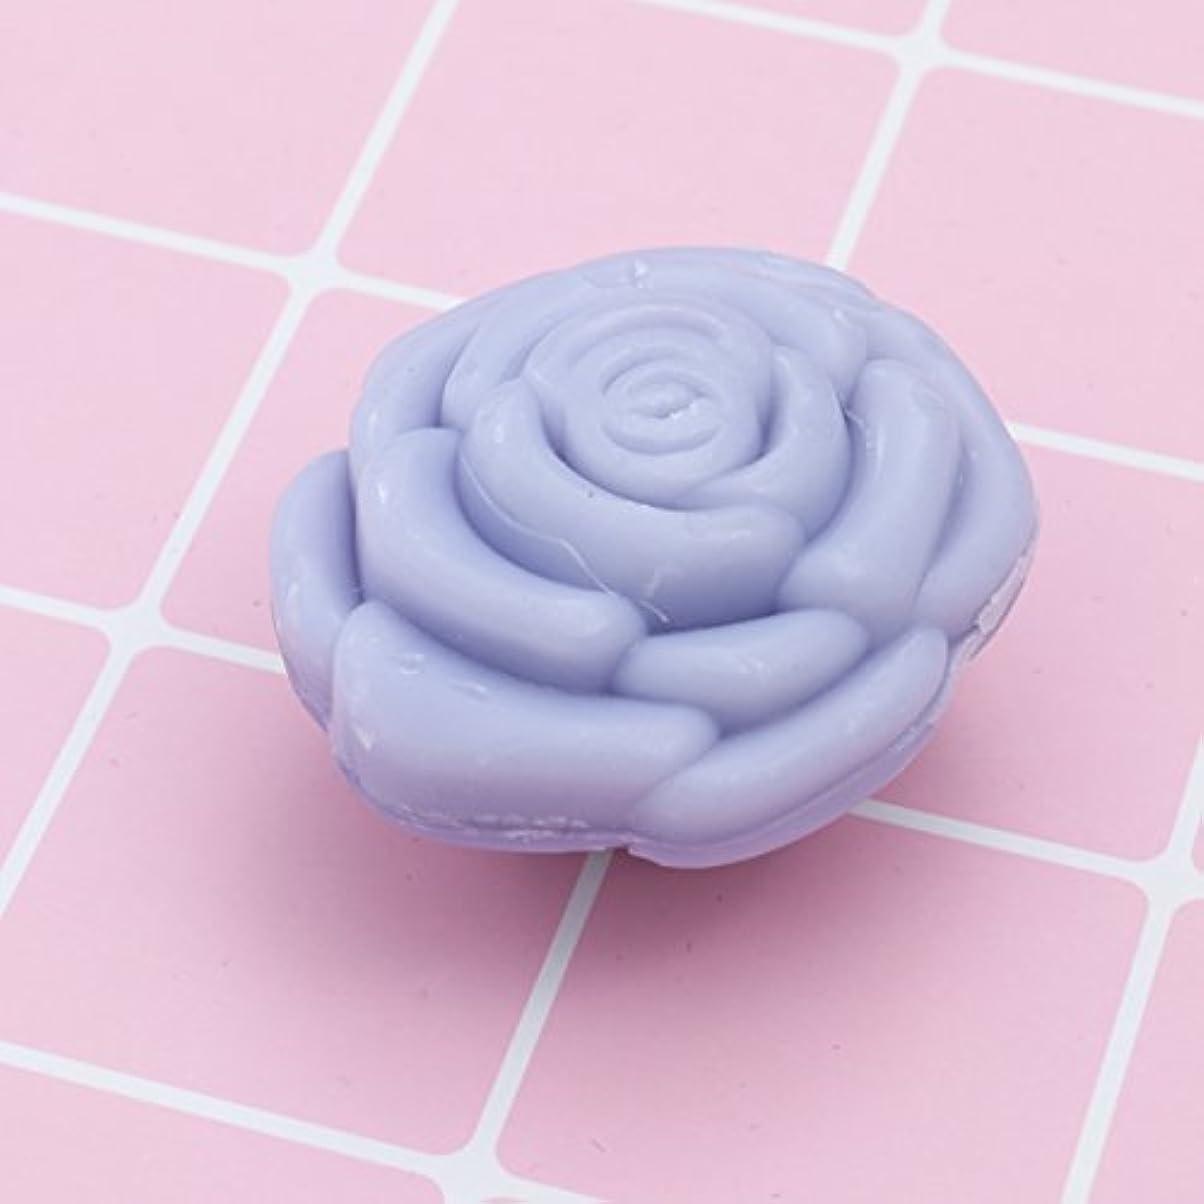 やむを得ない億暗殺Amosfun 手作り石鹸オイルローズフラワーソープアロマエッセンシャルオイルギフト記念日誕生日結婚式バレンタインデー(紫)20ピース